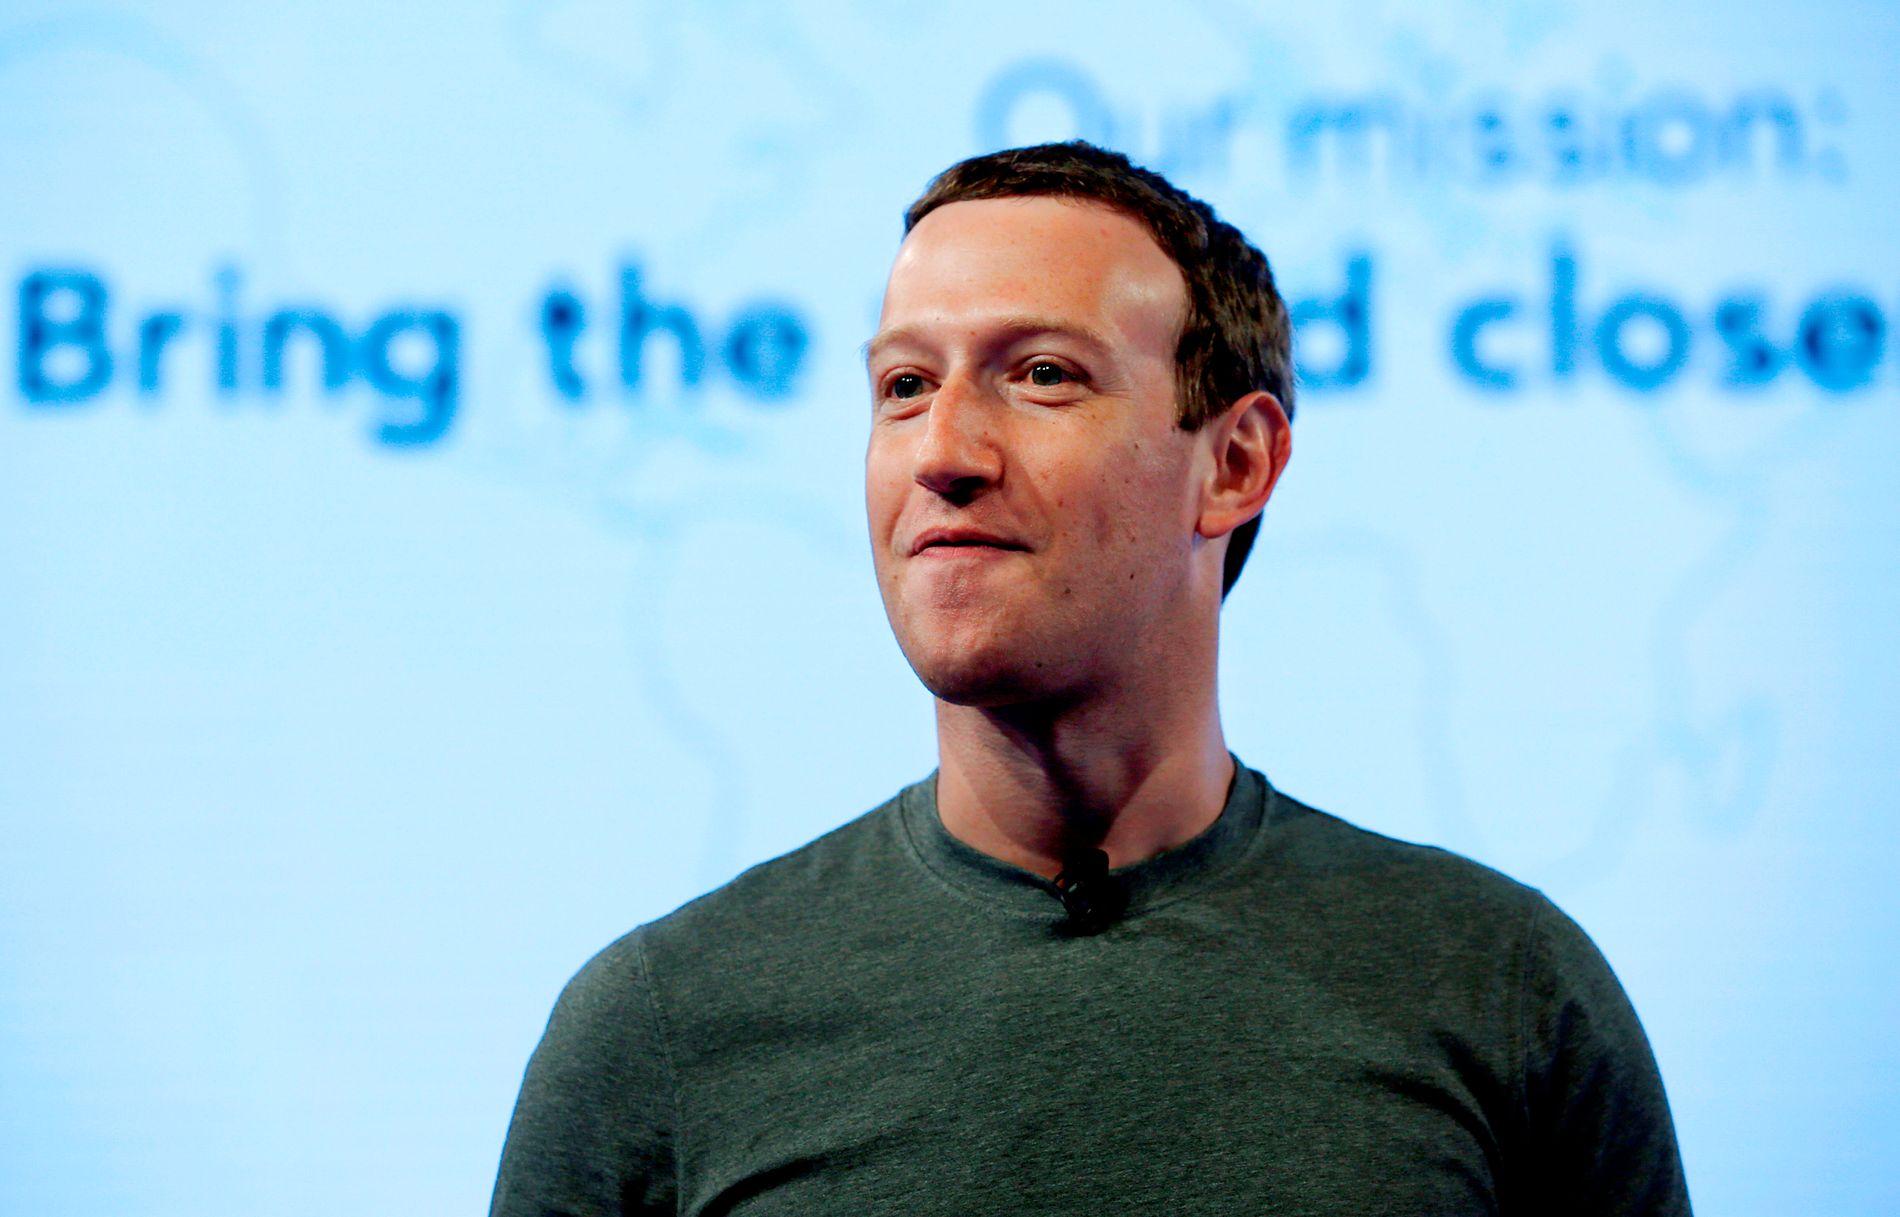 Facebook-sjef Mark Zuckerberg har erkjent at det blir gjort for mange feil på plattformen. Nå ønsker han å gjenopprette brukernes tillit.